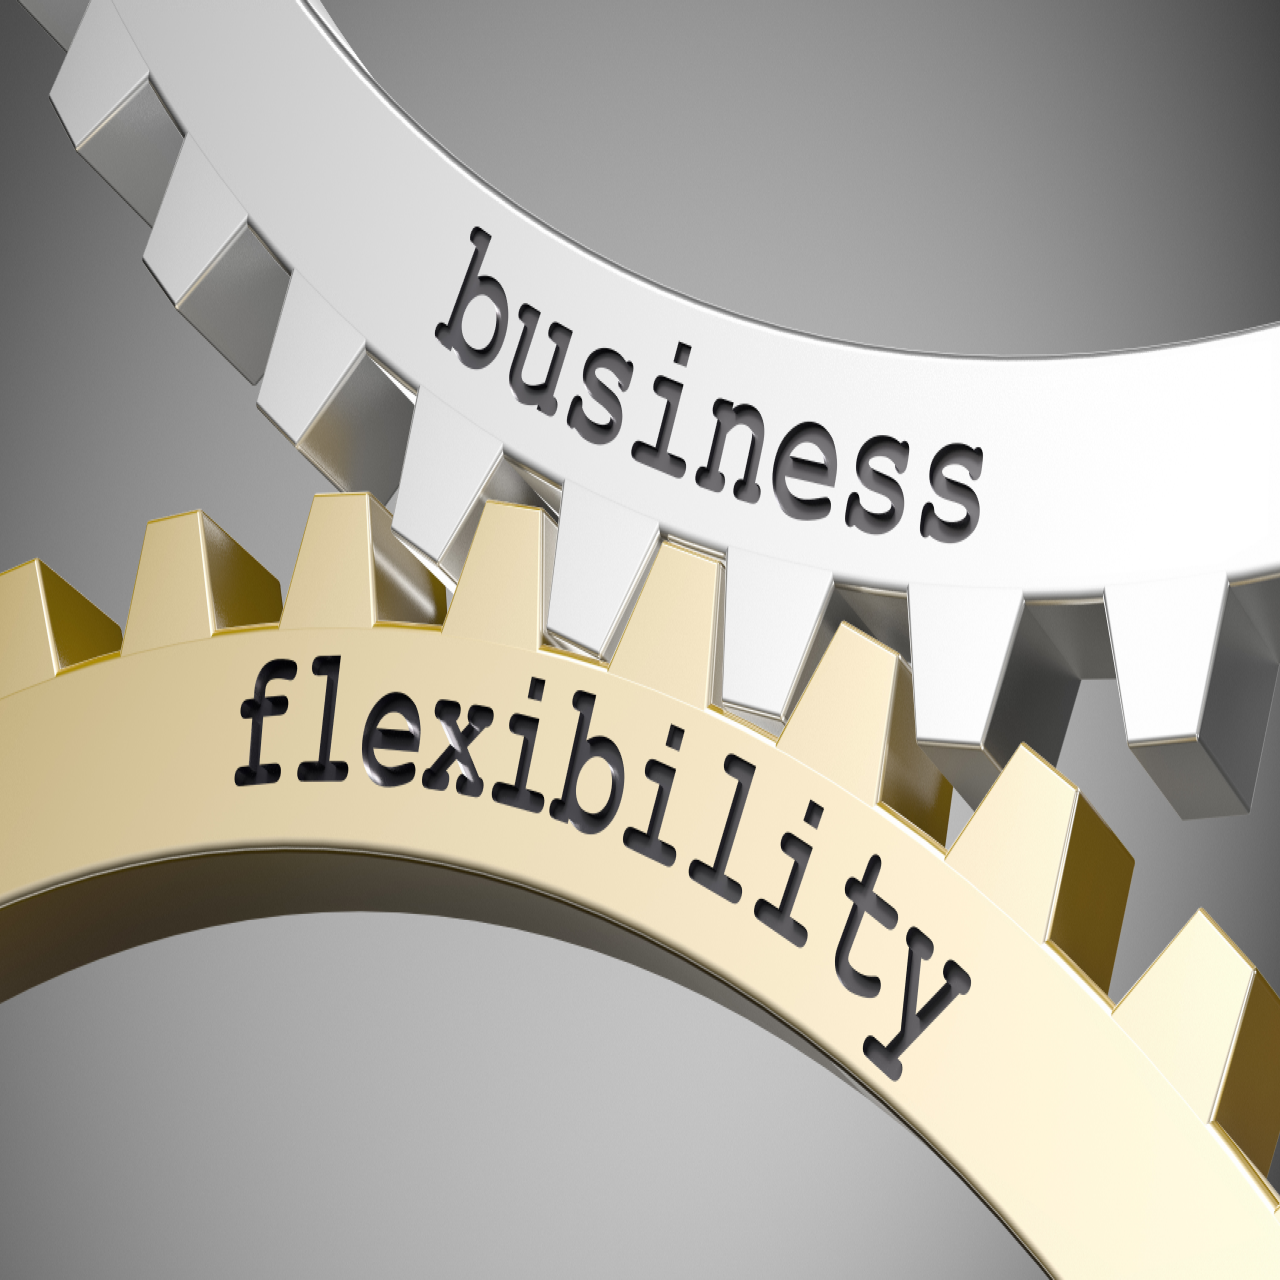 Business flexibility 1280x1280